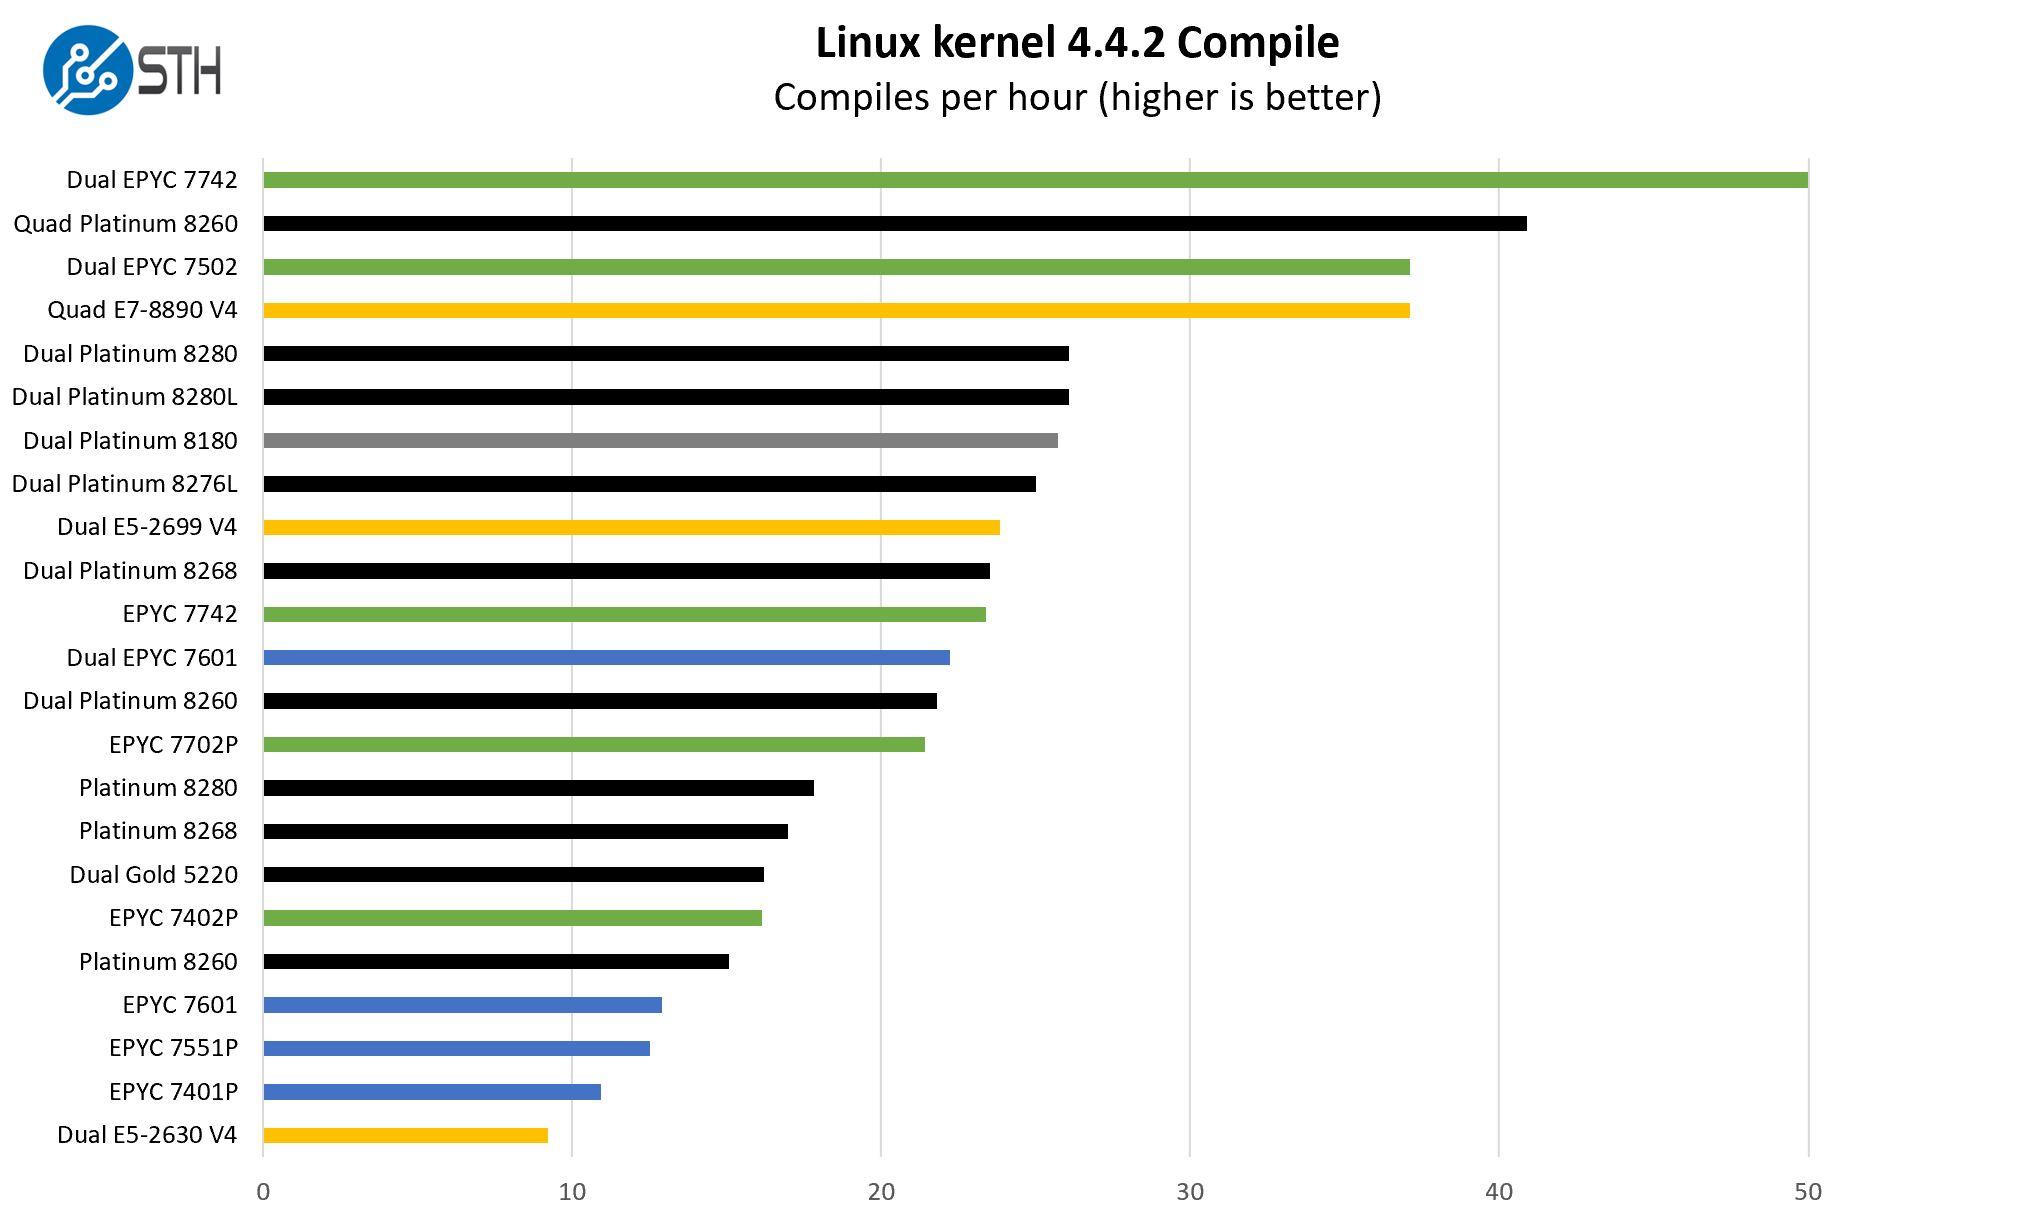 AMD EPYC 7002 Linux Kernel Compile Benchmark Result